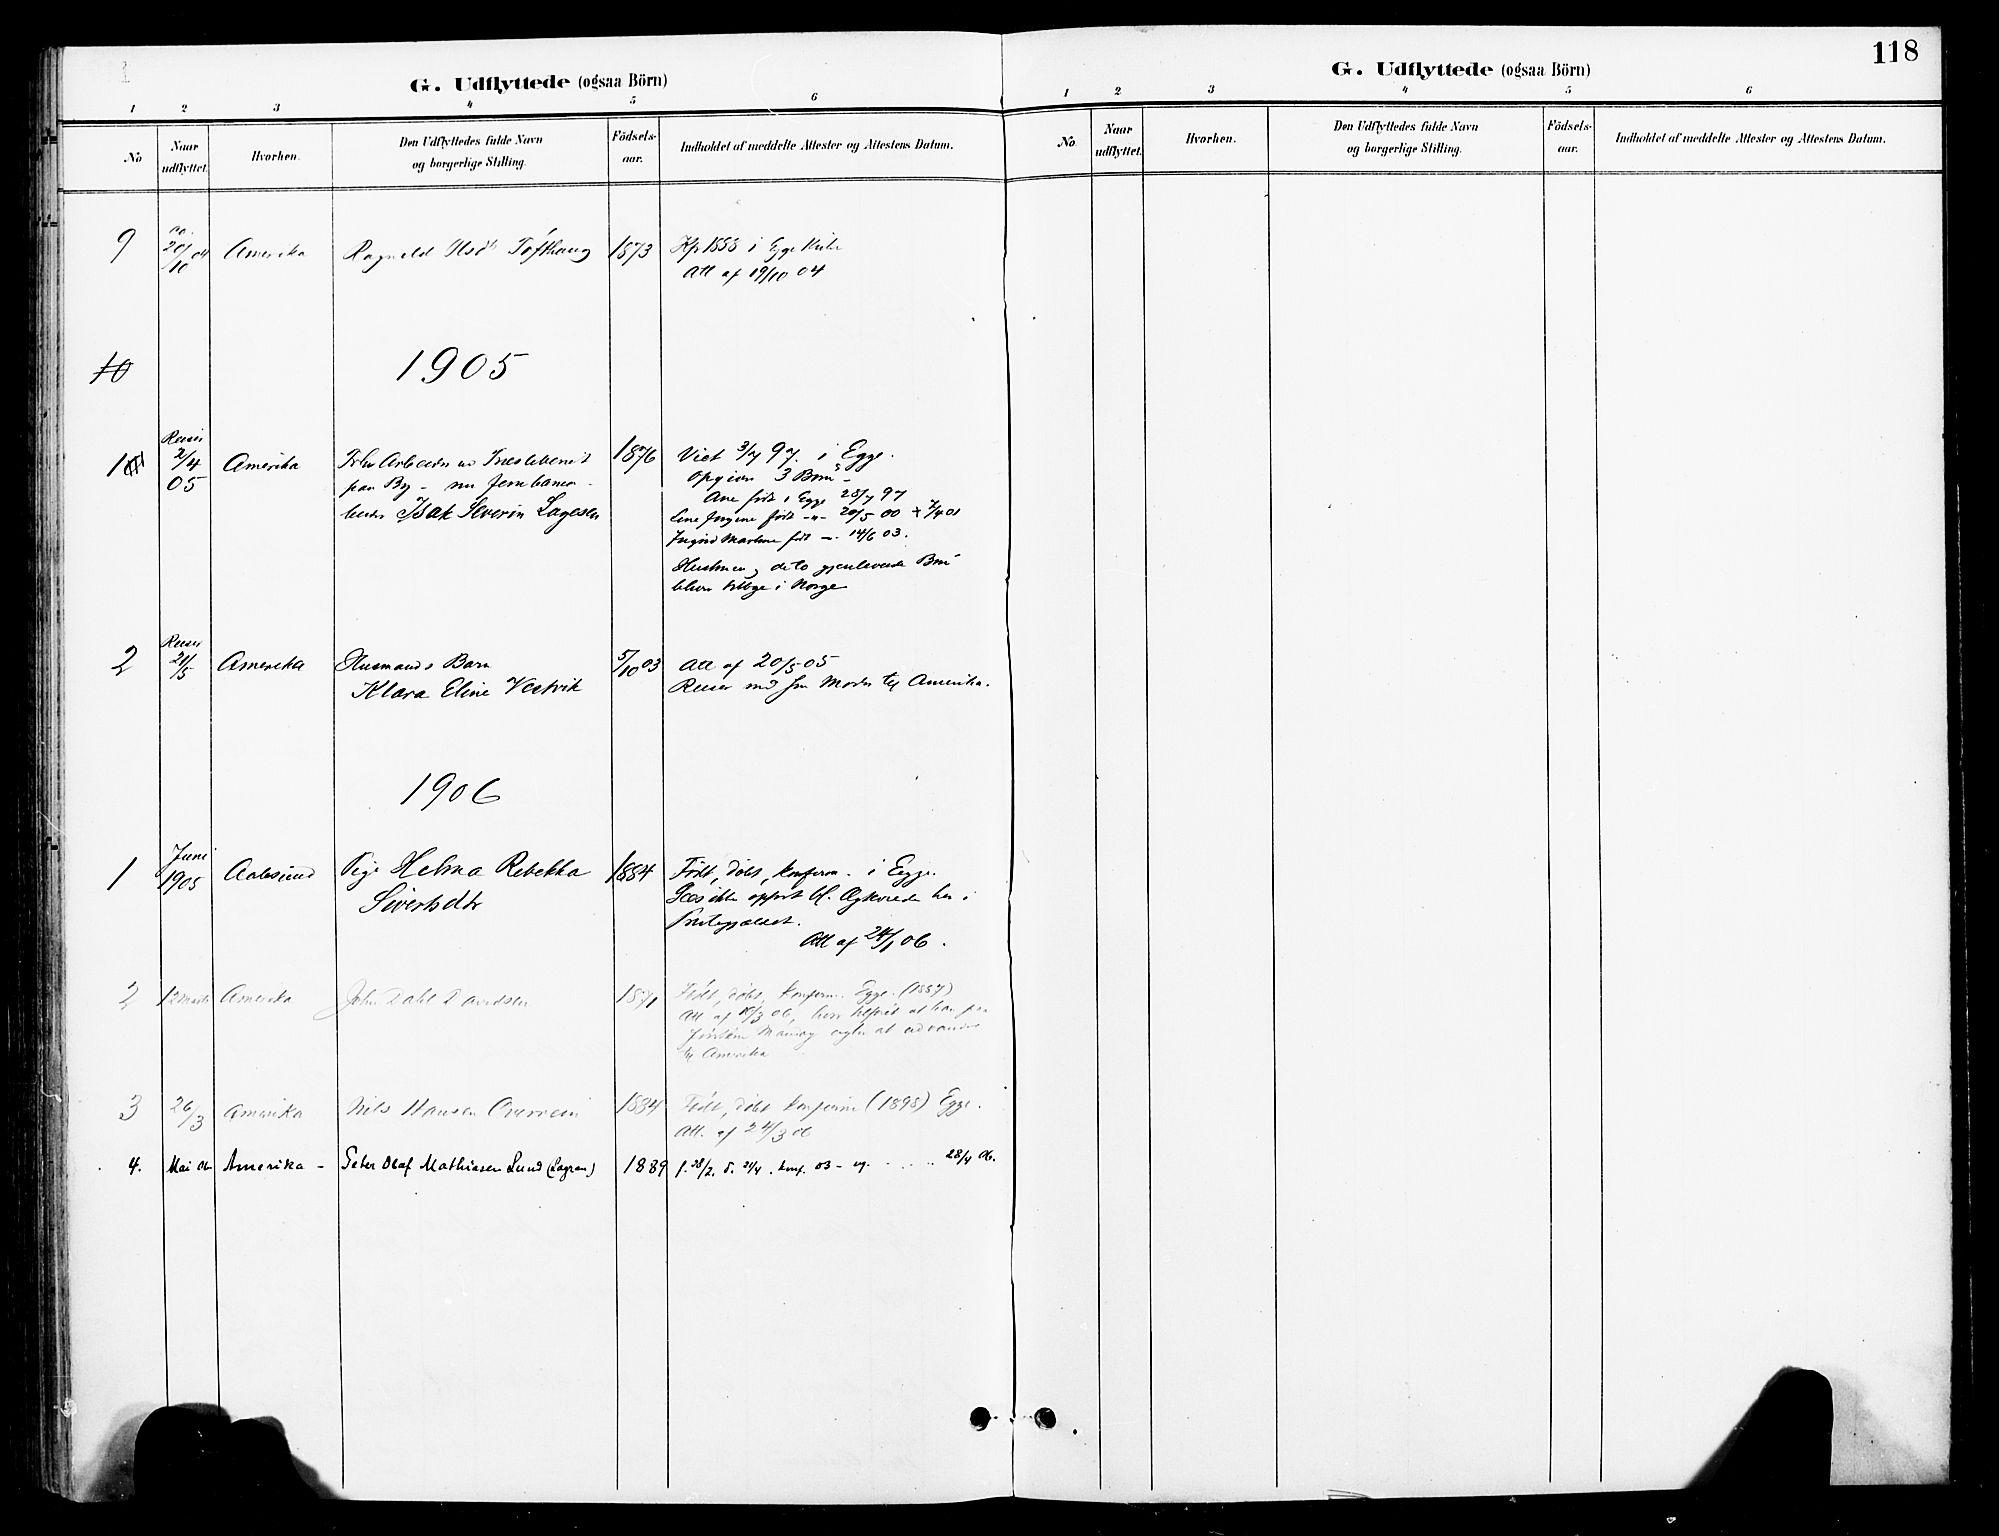 SAT, Ministerialprotokoller, klokkerbøker og fødselsregistre - Nord-Trøndelag, 740/L0379: Ministerialbok nr. 740A02, 1895-1907, s. 118